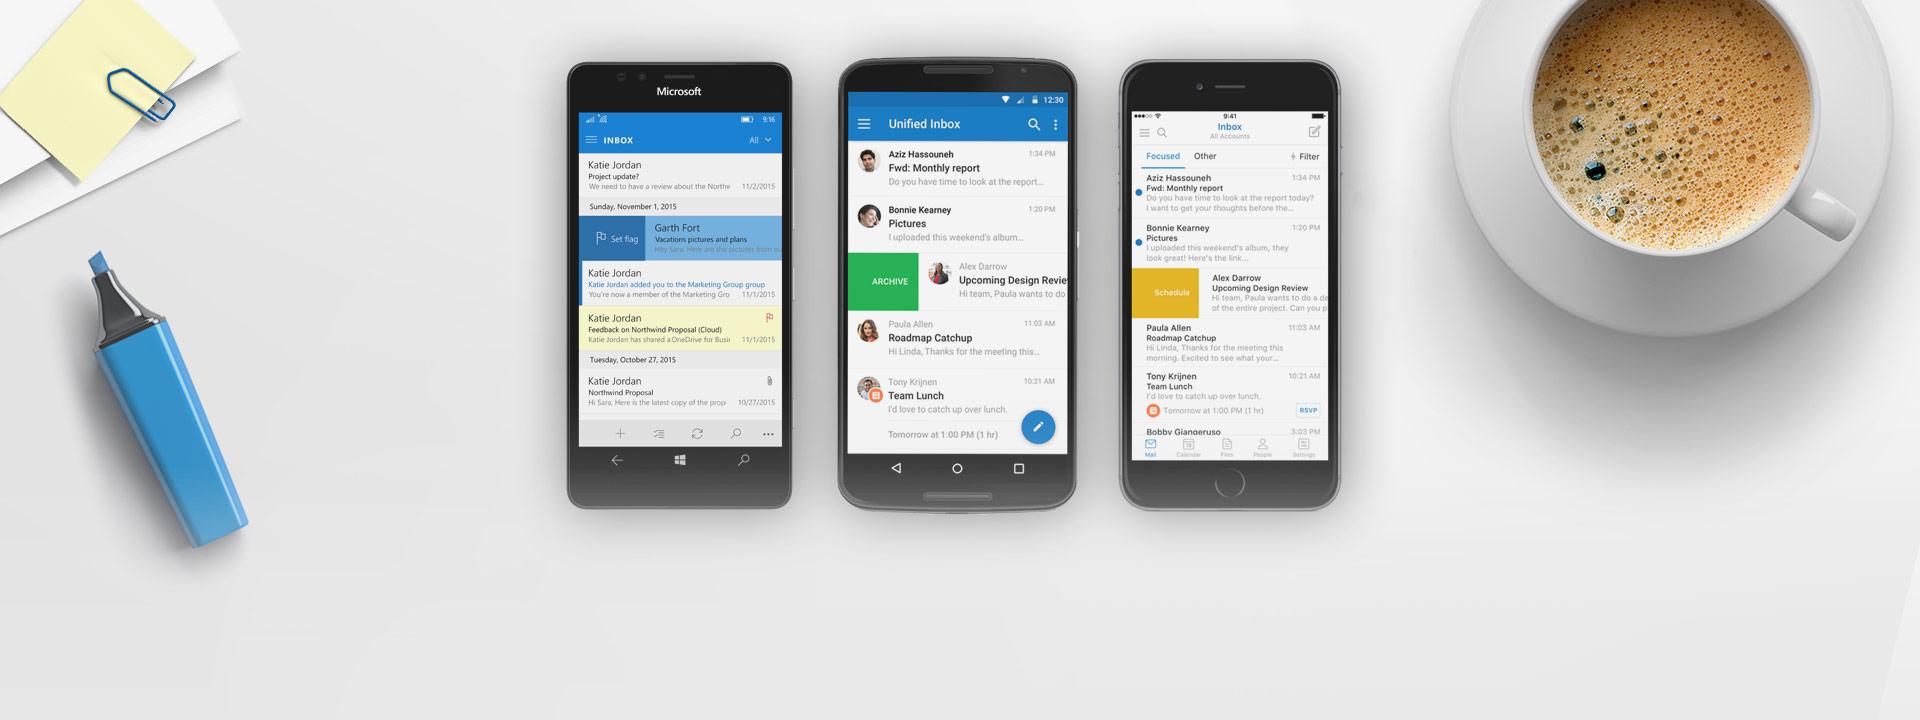 Telefonid, mille ekraanidel on Outlooki rakendus, laadige kohe alla